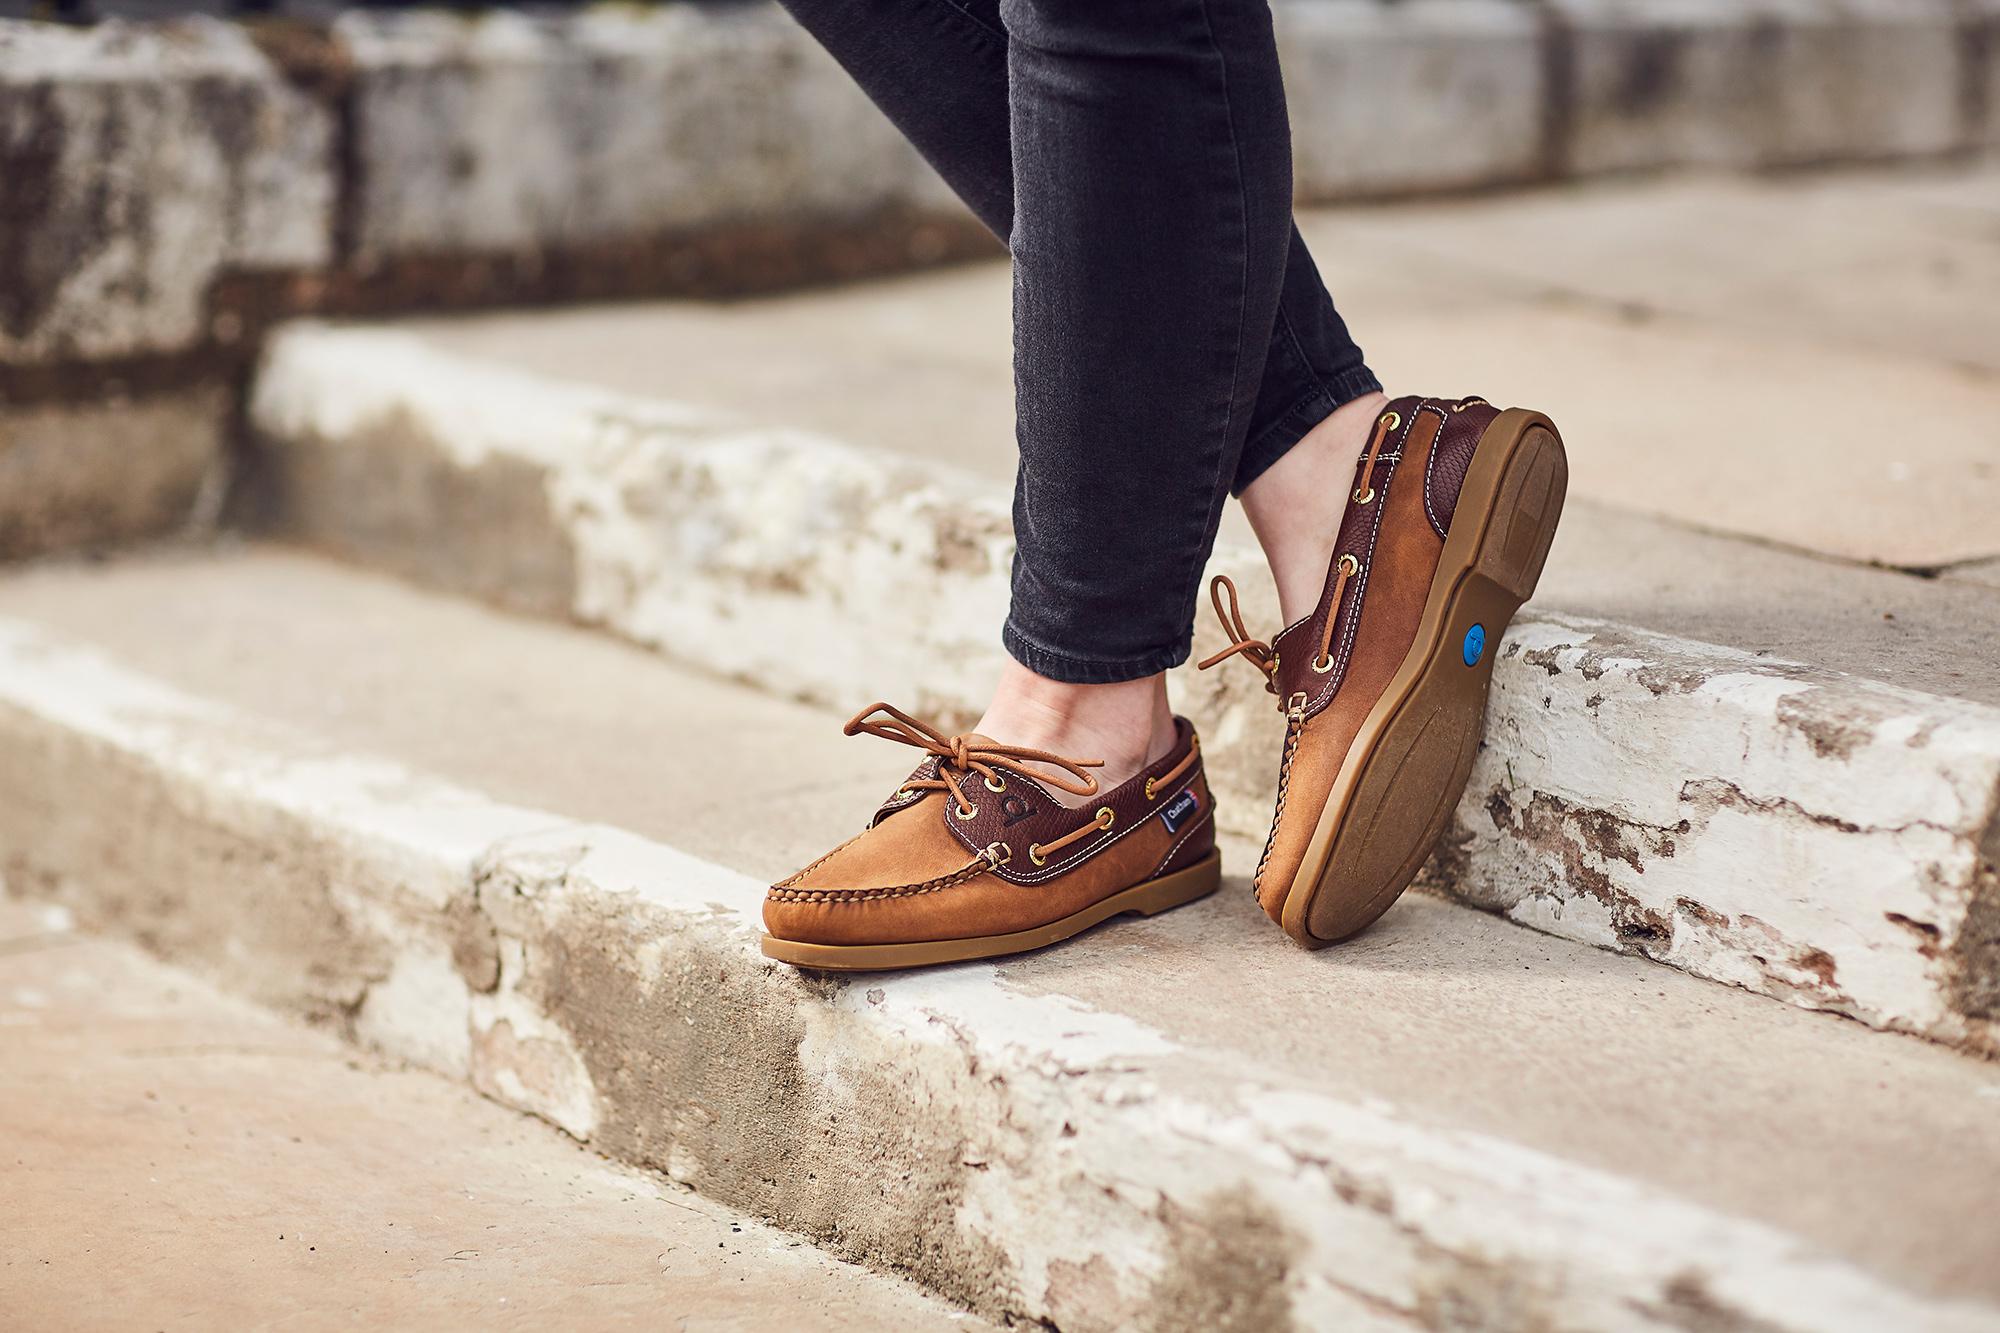 Chatham_footwear_57.jpg